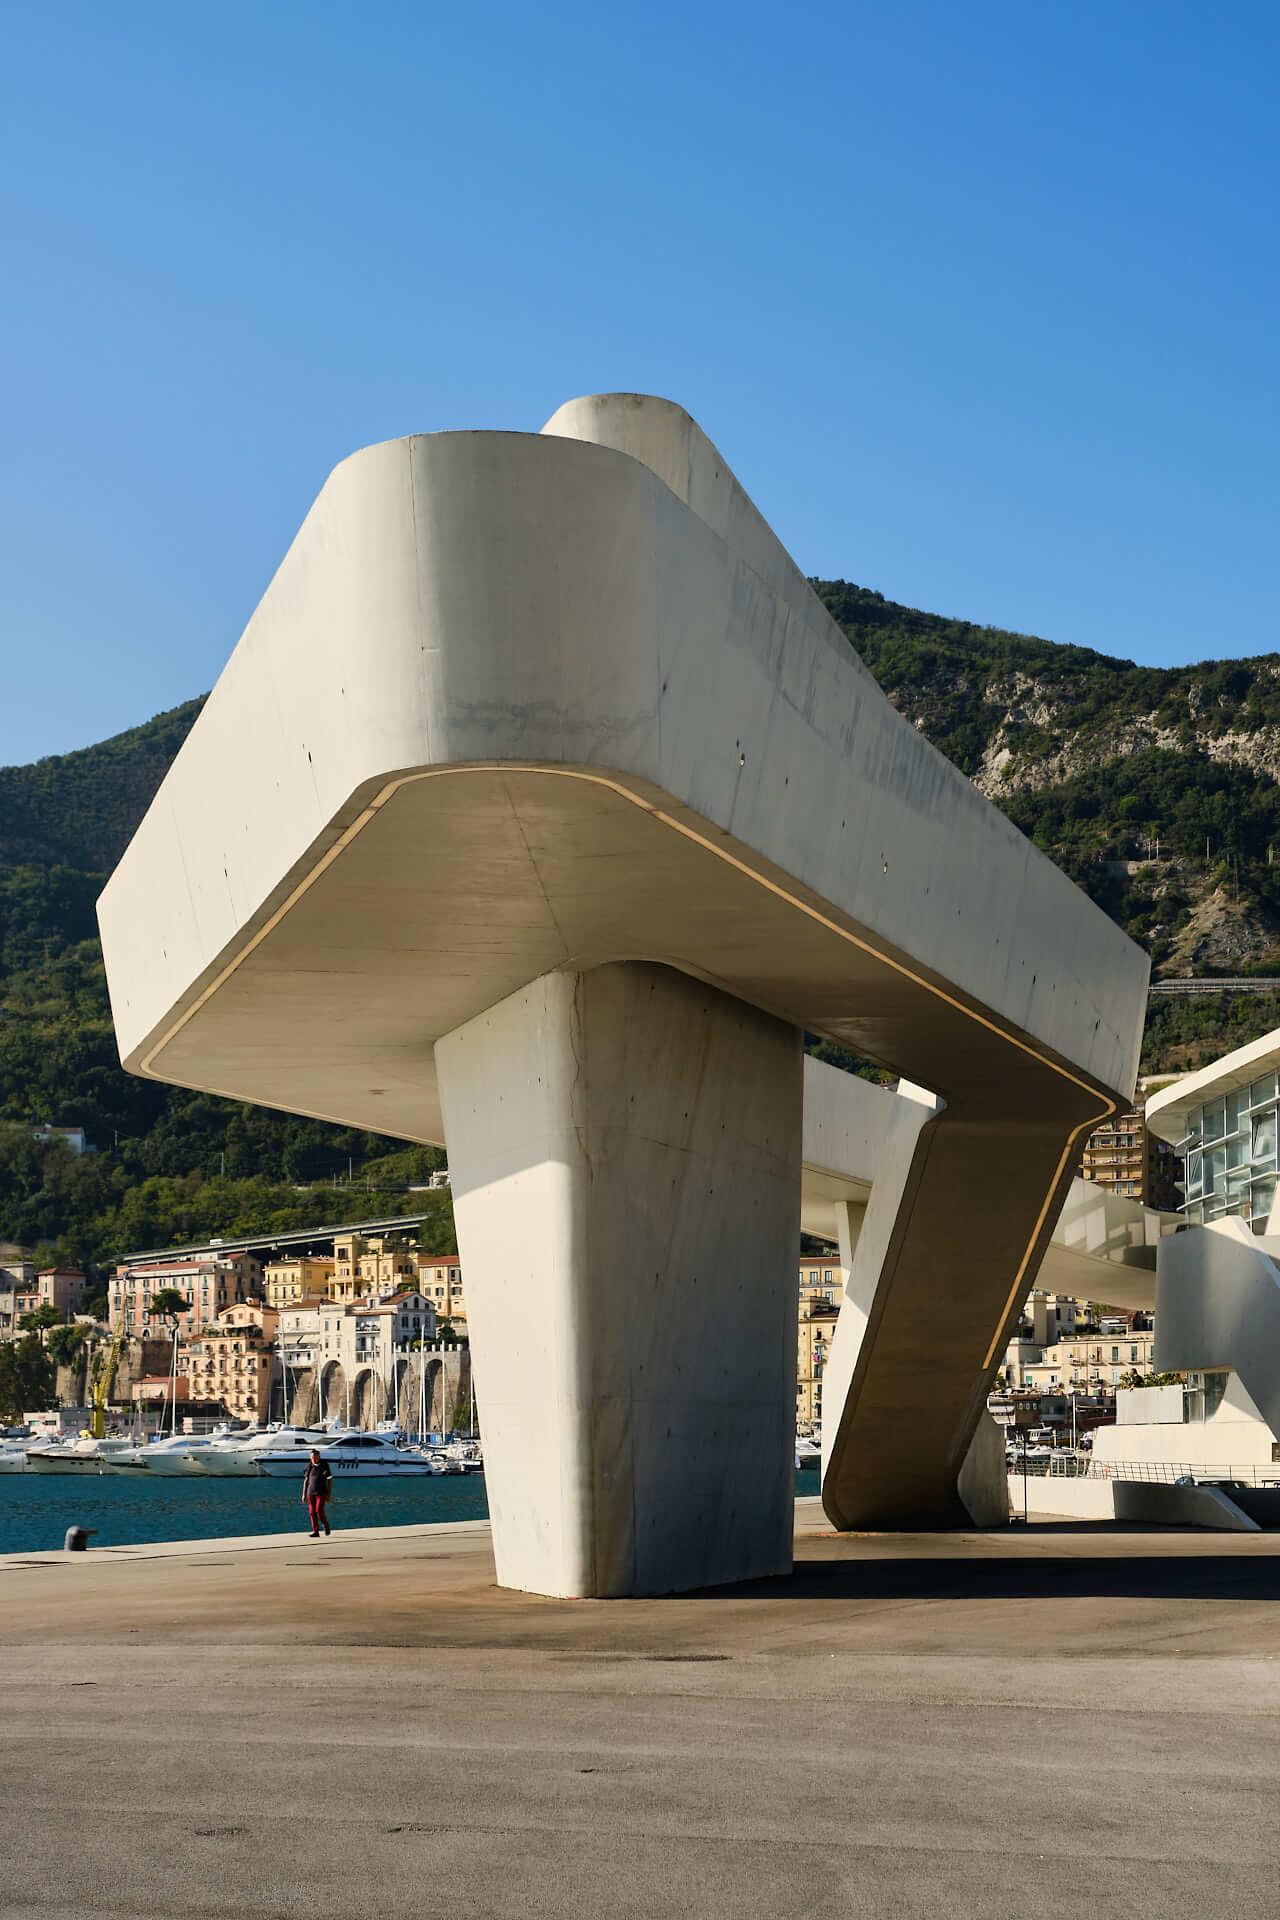 Stazione marittima di Salerno, Architetto Zaha Hadid